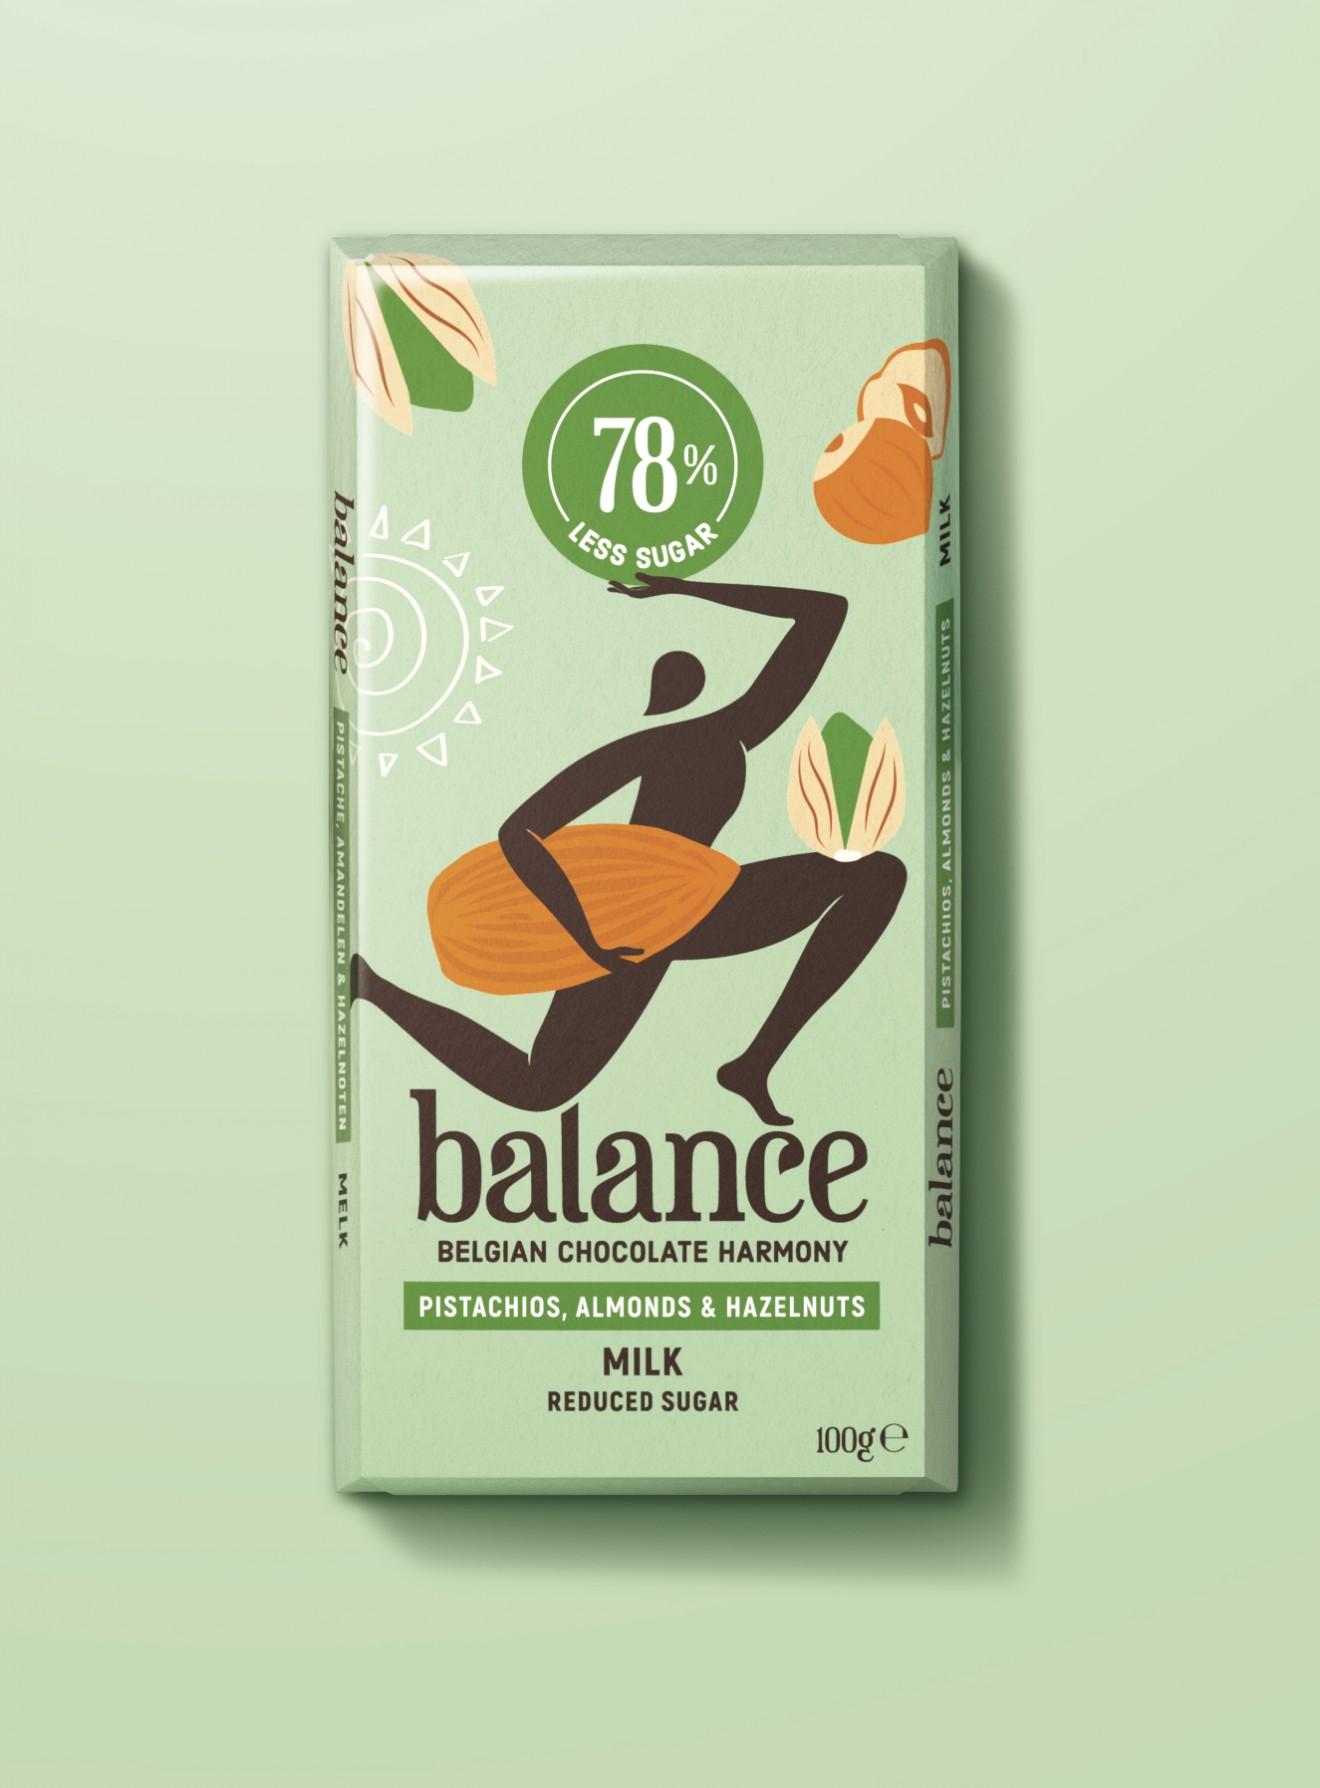 Quatre Mains package design - yoga, almond, pistache